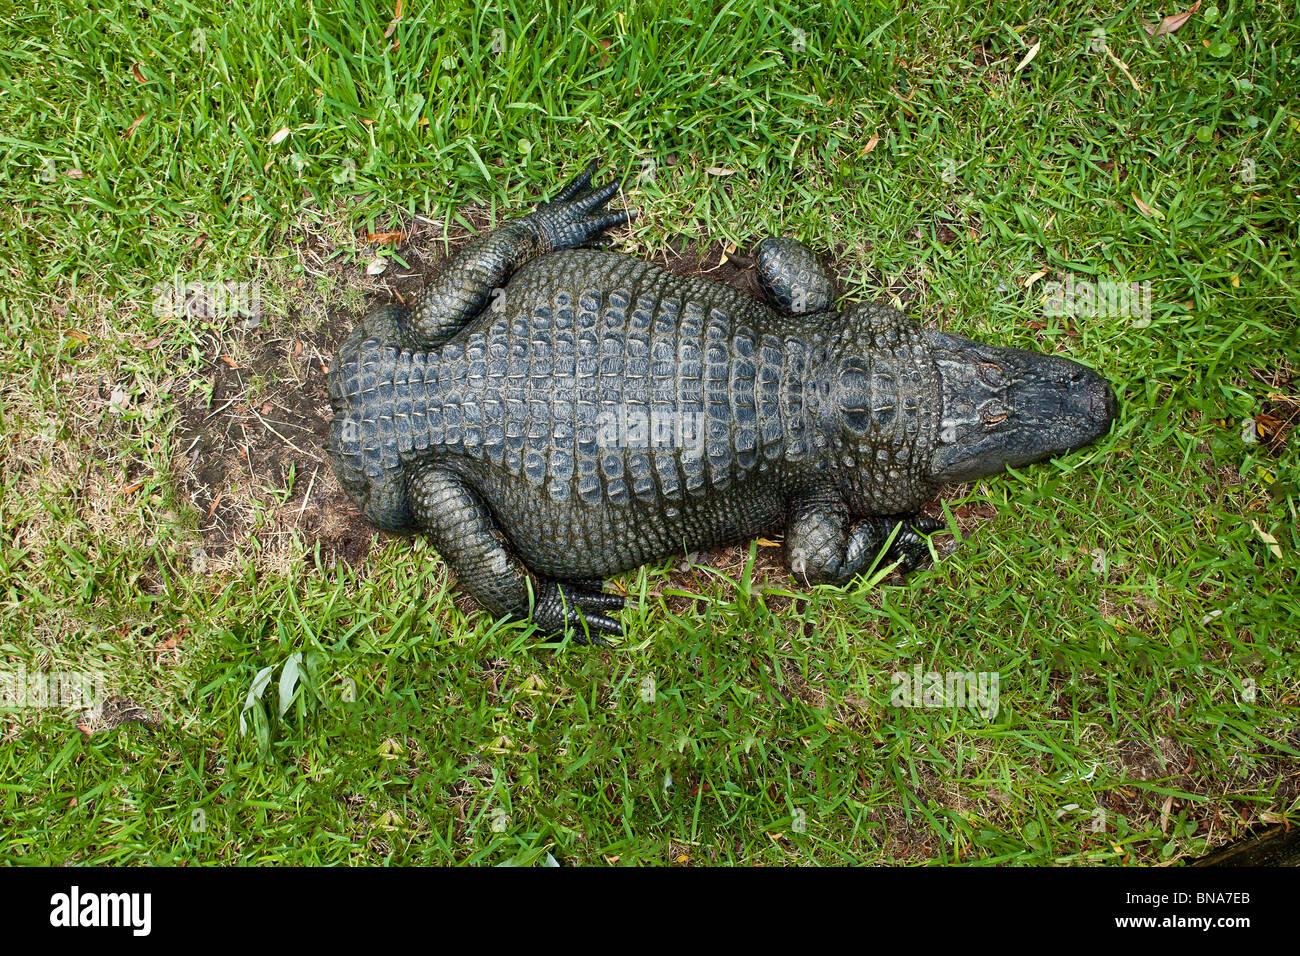 Alligator Zoo Myrtle Beach Sc